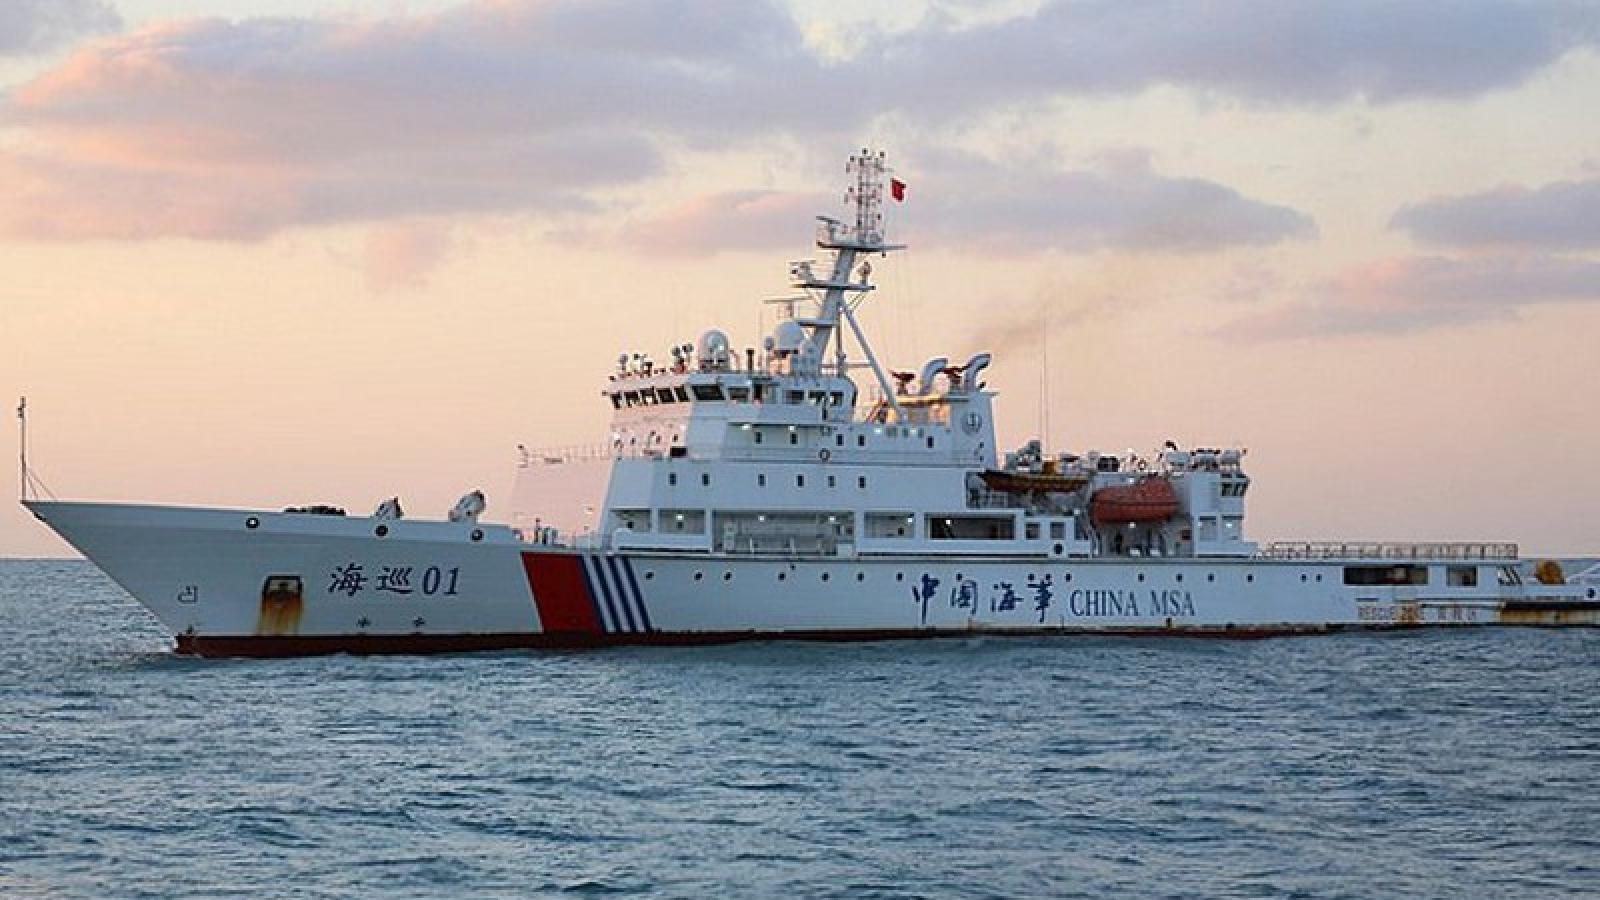 Nhật Bản phản ứng việc tàu Trung Quốc xâm nhập biển Hoa Đông